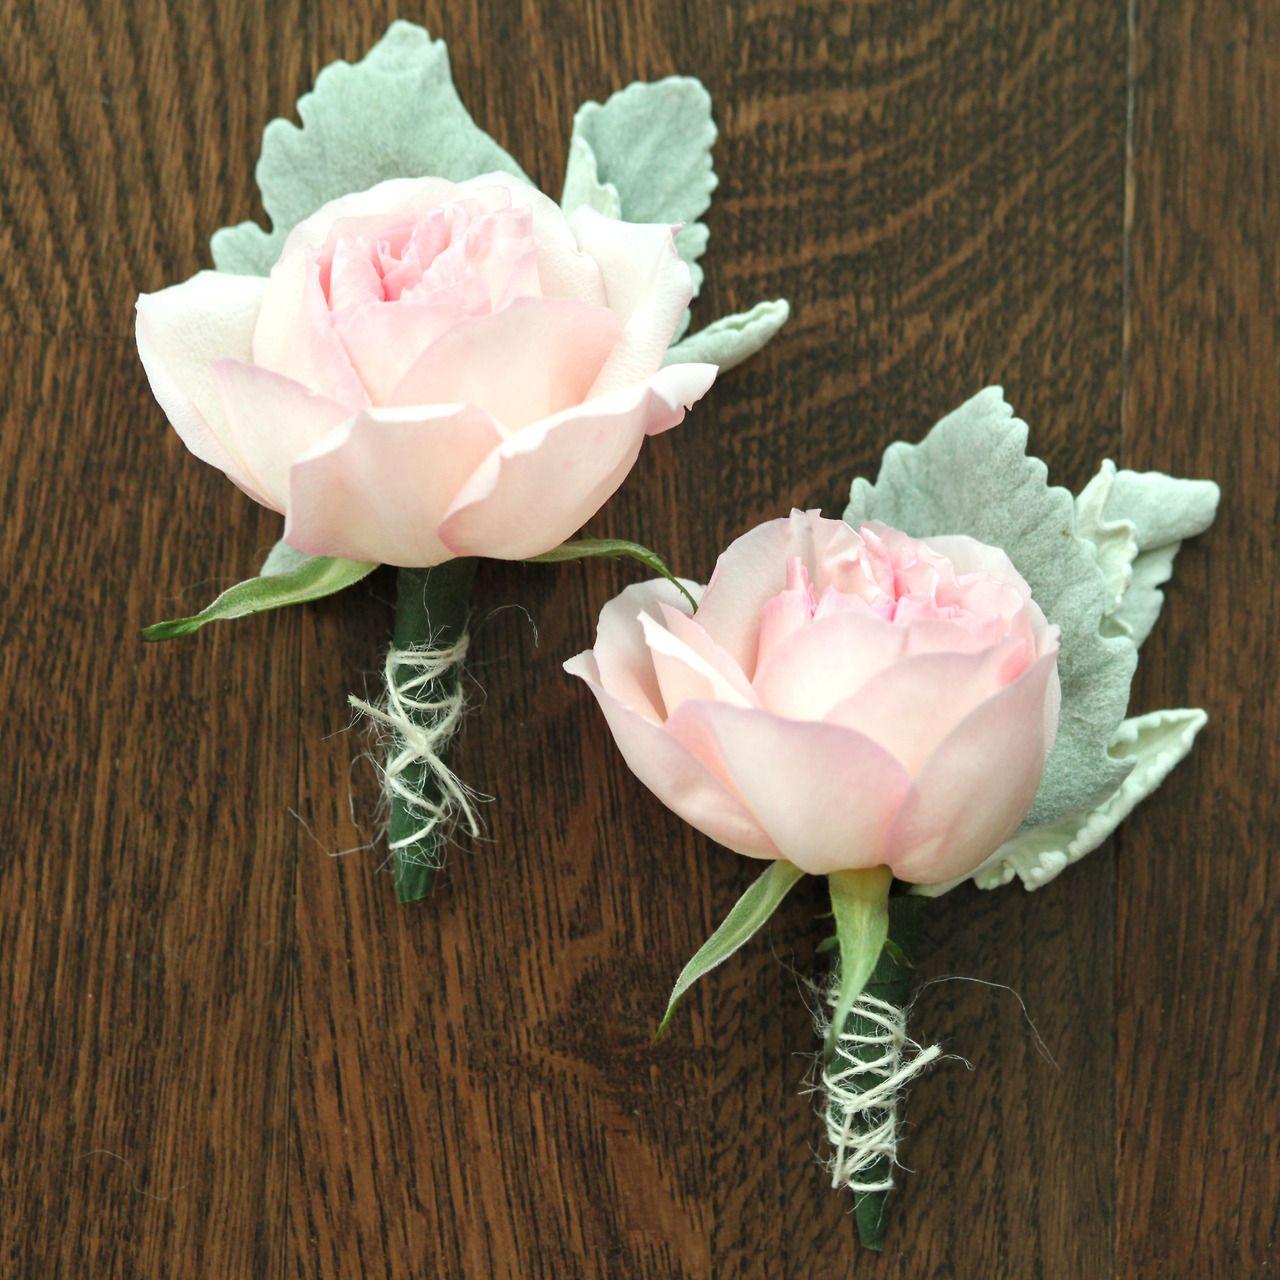 Beau Garden Rose Boutonniere | Reannan Ross Floral Design